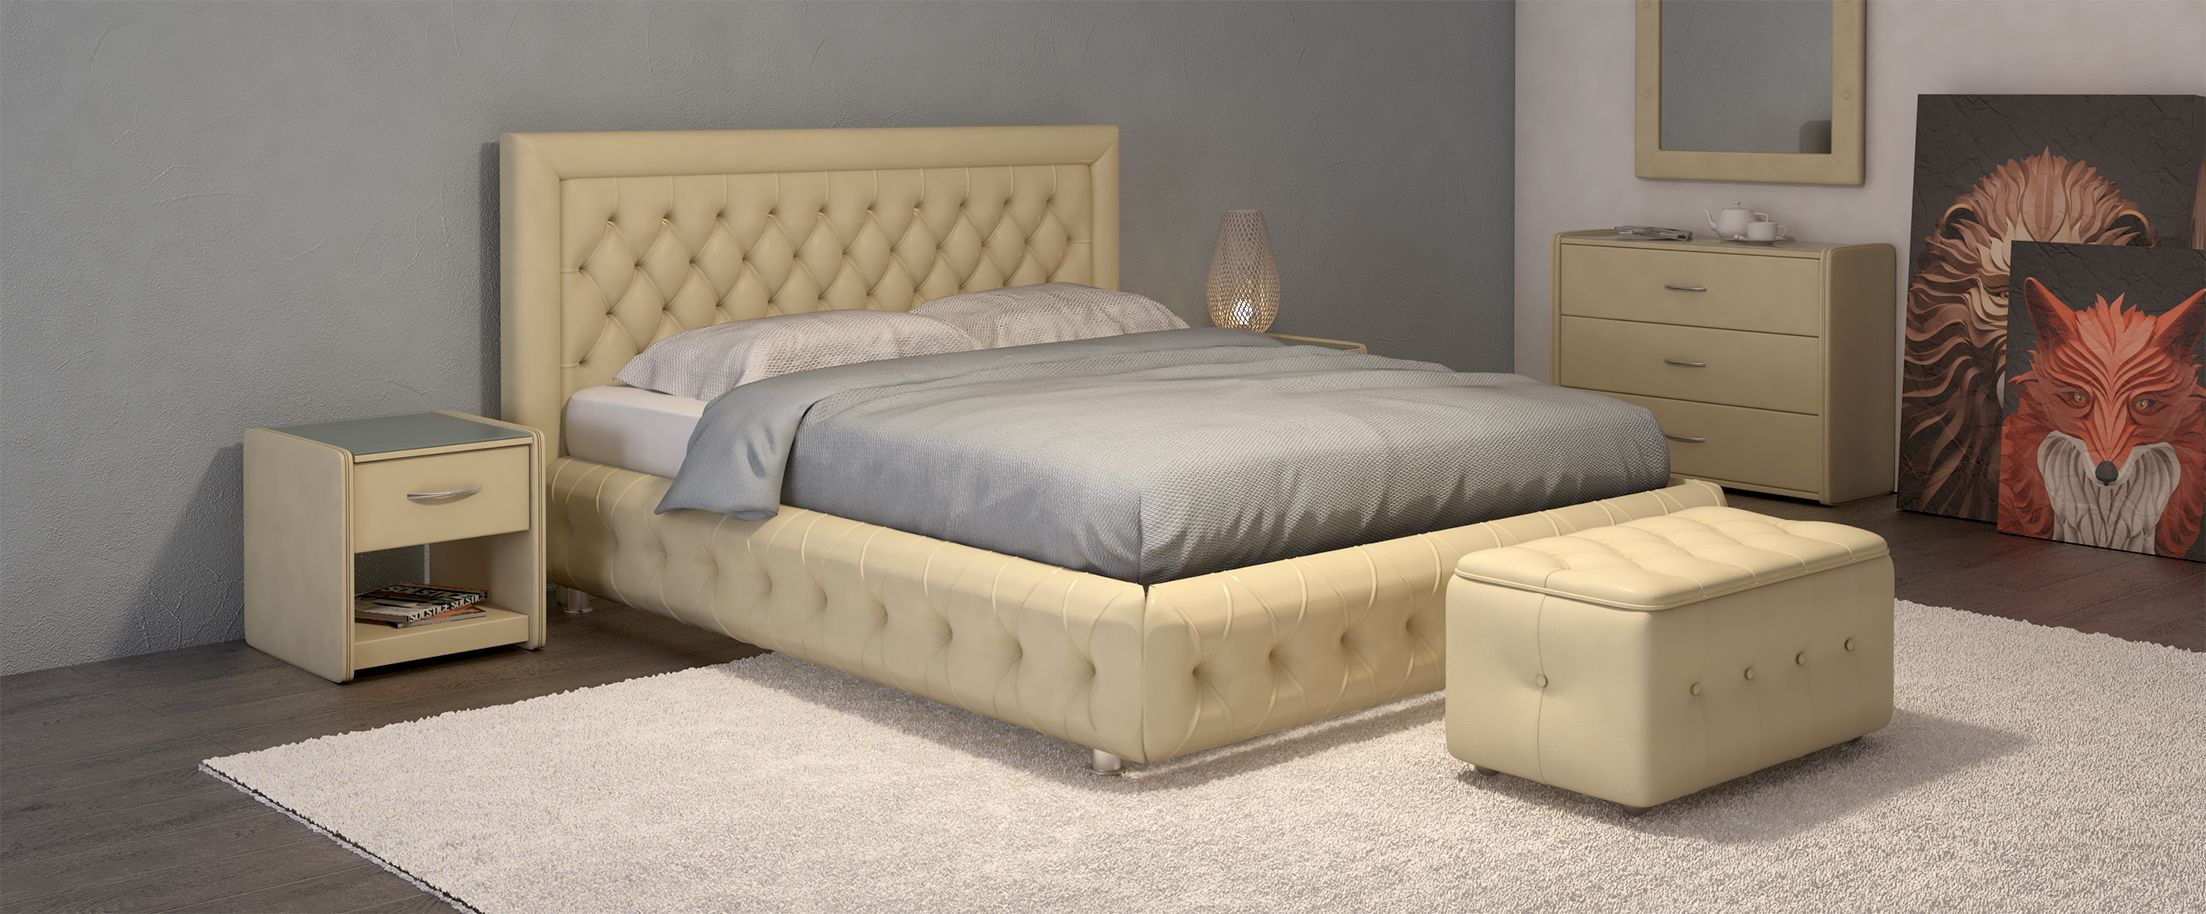 Кровать двуспальная Биг Бен Модель 586Оригинальный дизайн кровати сделает Вашу спальню особенной. Биг Бен - кровать для тех, кому нравится сочетать классику и модерн: утяжки на царгах придают стиль и шарм изделию.<br><br>Ширина см: 176<br>Глубина см: 222<br>Высота см: 112<br>Ширина спального места см: 160<br>Глубина спального места см: 200<br>Встроенное основание: Есть<br>Материал каркаса: ДСП<br>Материал обивки: Экокожа<br>Подъемный механизм: Нет<br>Цвет: Бежевый<br>Код ткани: Суфле